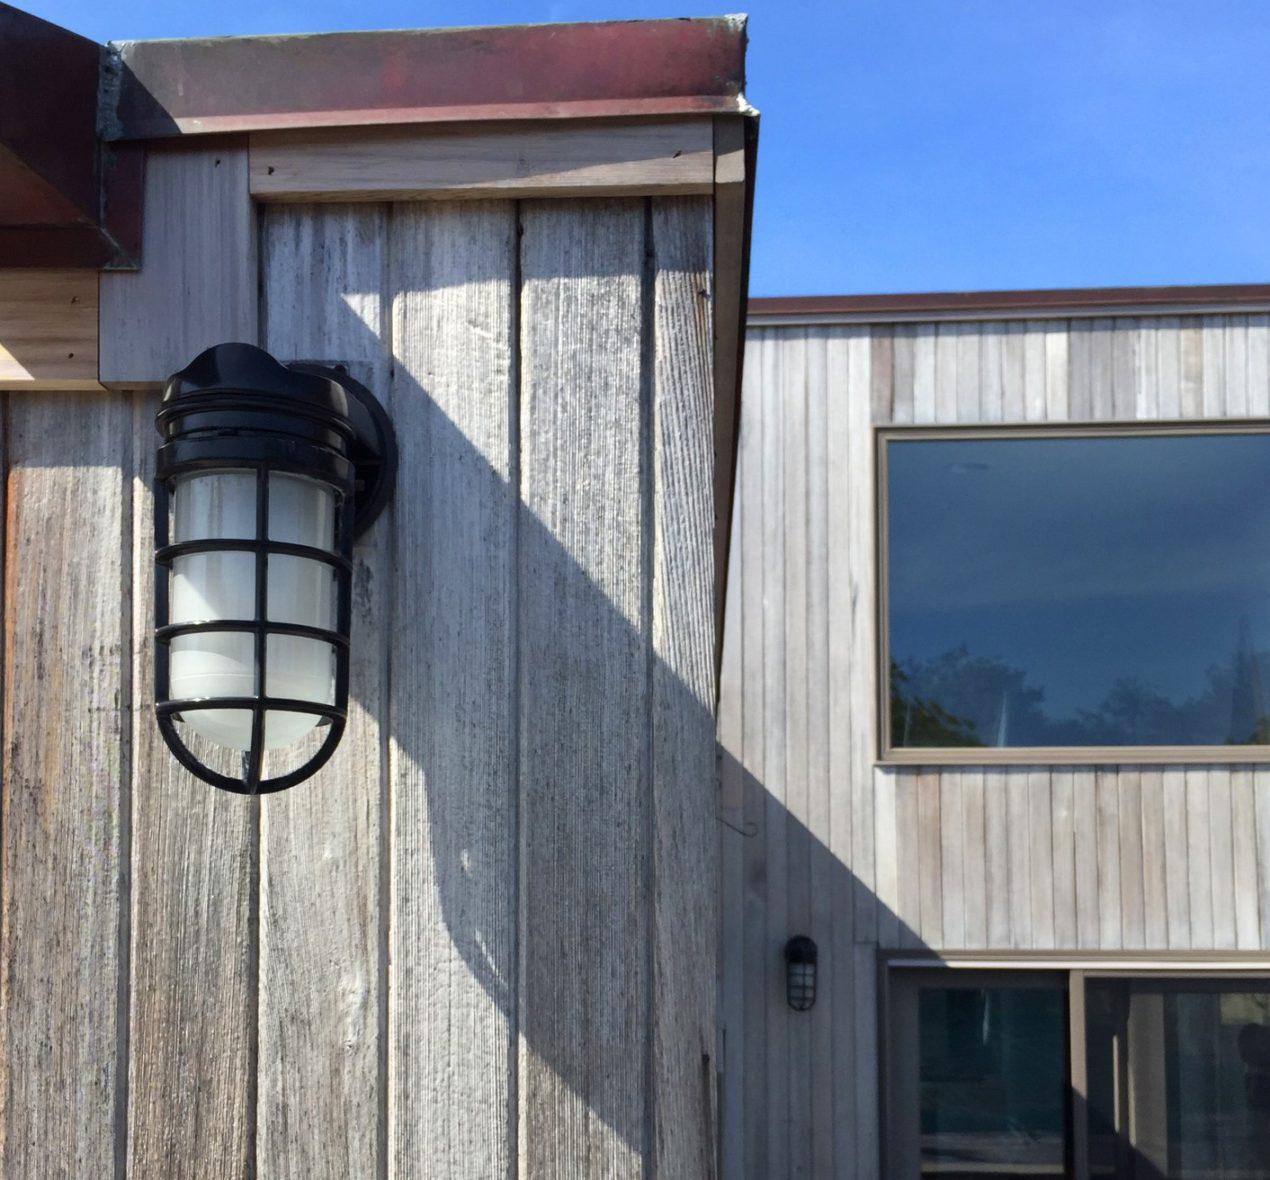 industrial wall lights exterior lighting crop